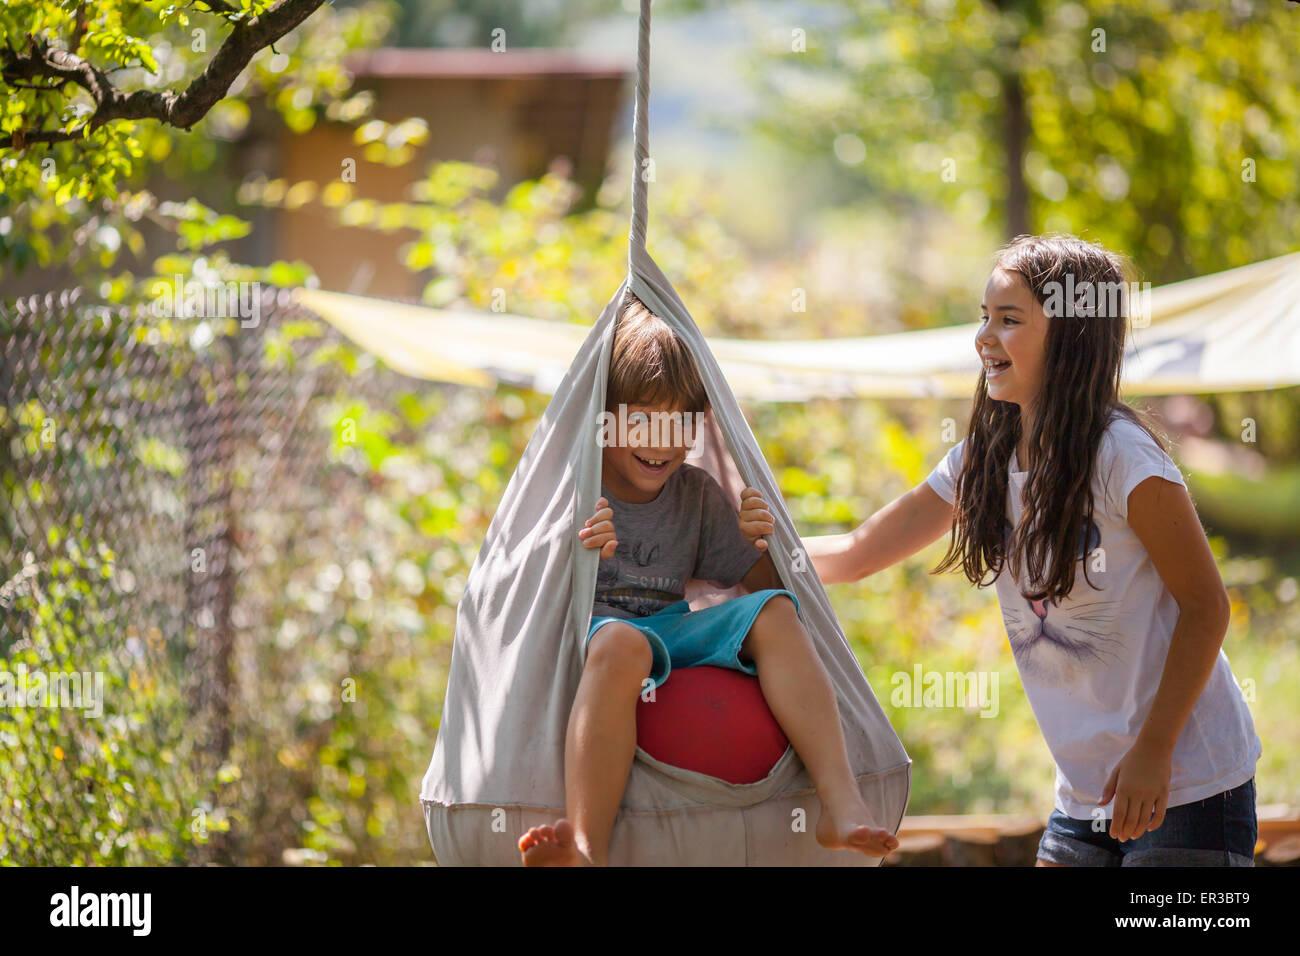 Niño y niña jugando en un columpio en el jardín Imagen De Stock